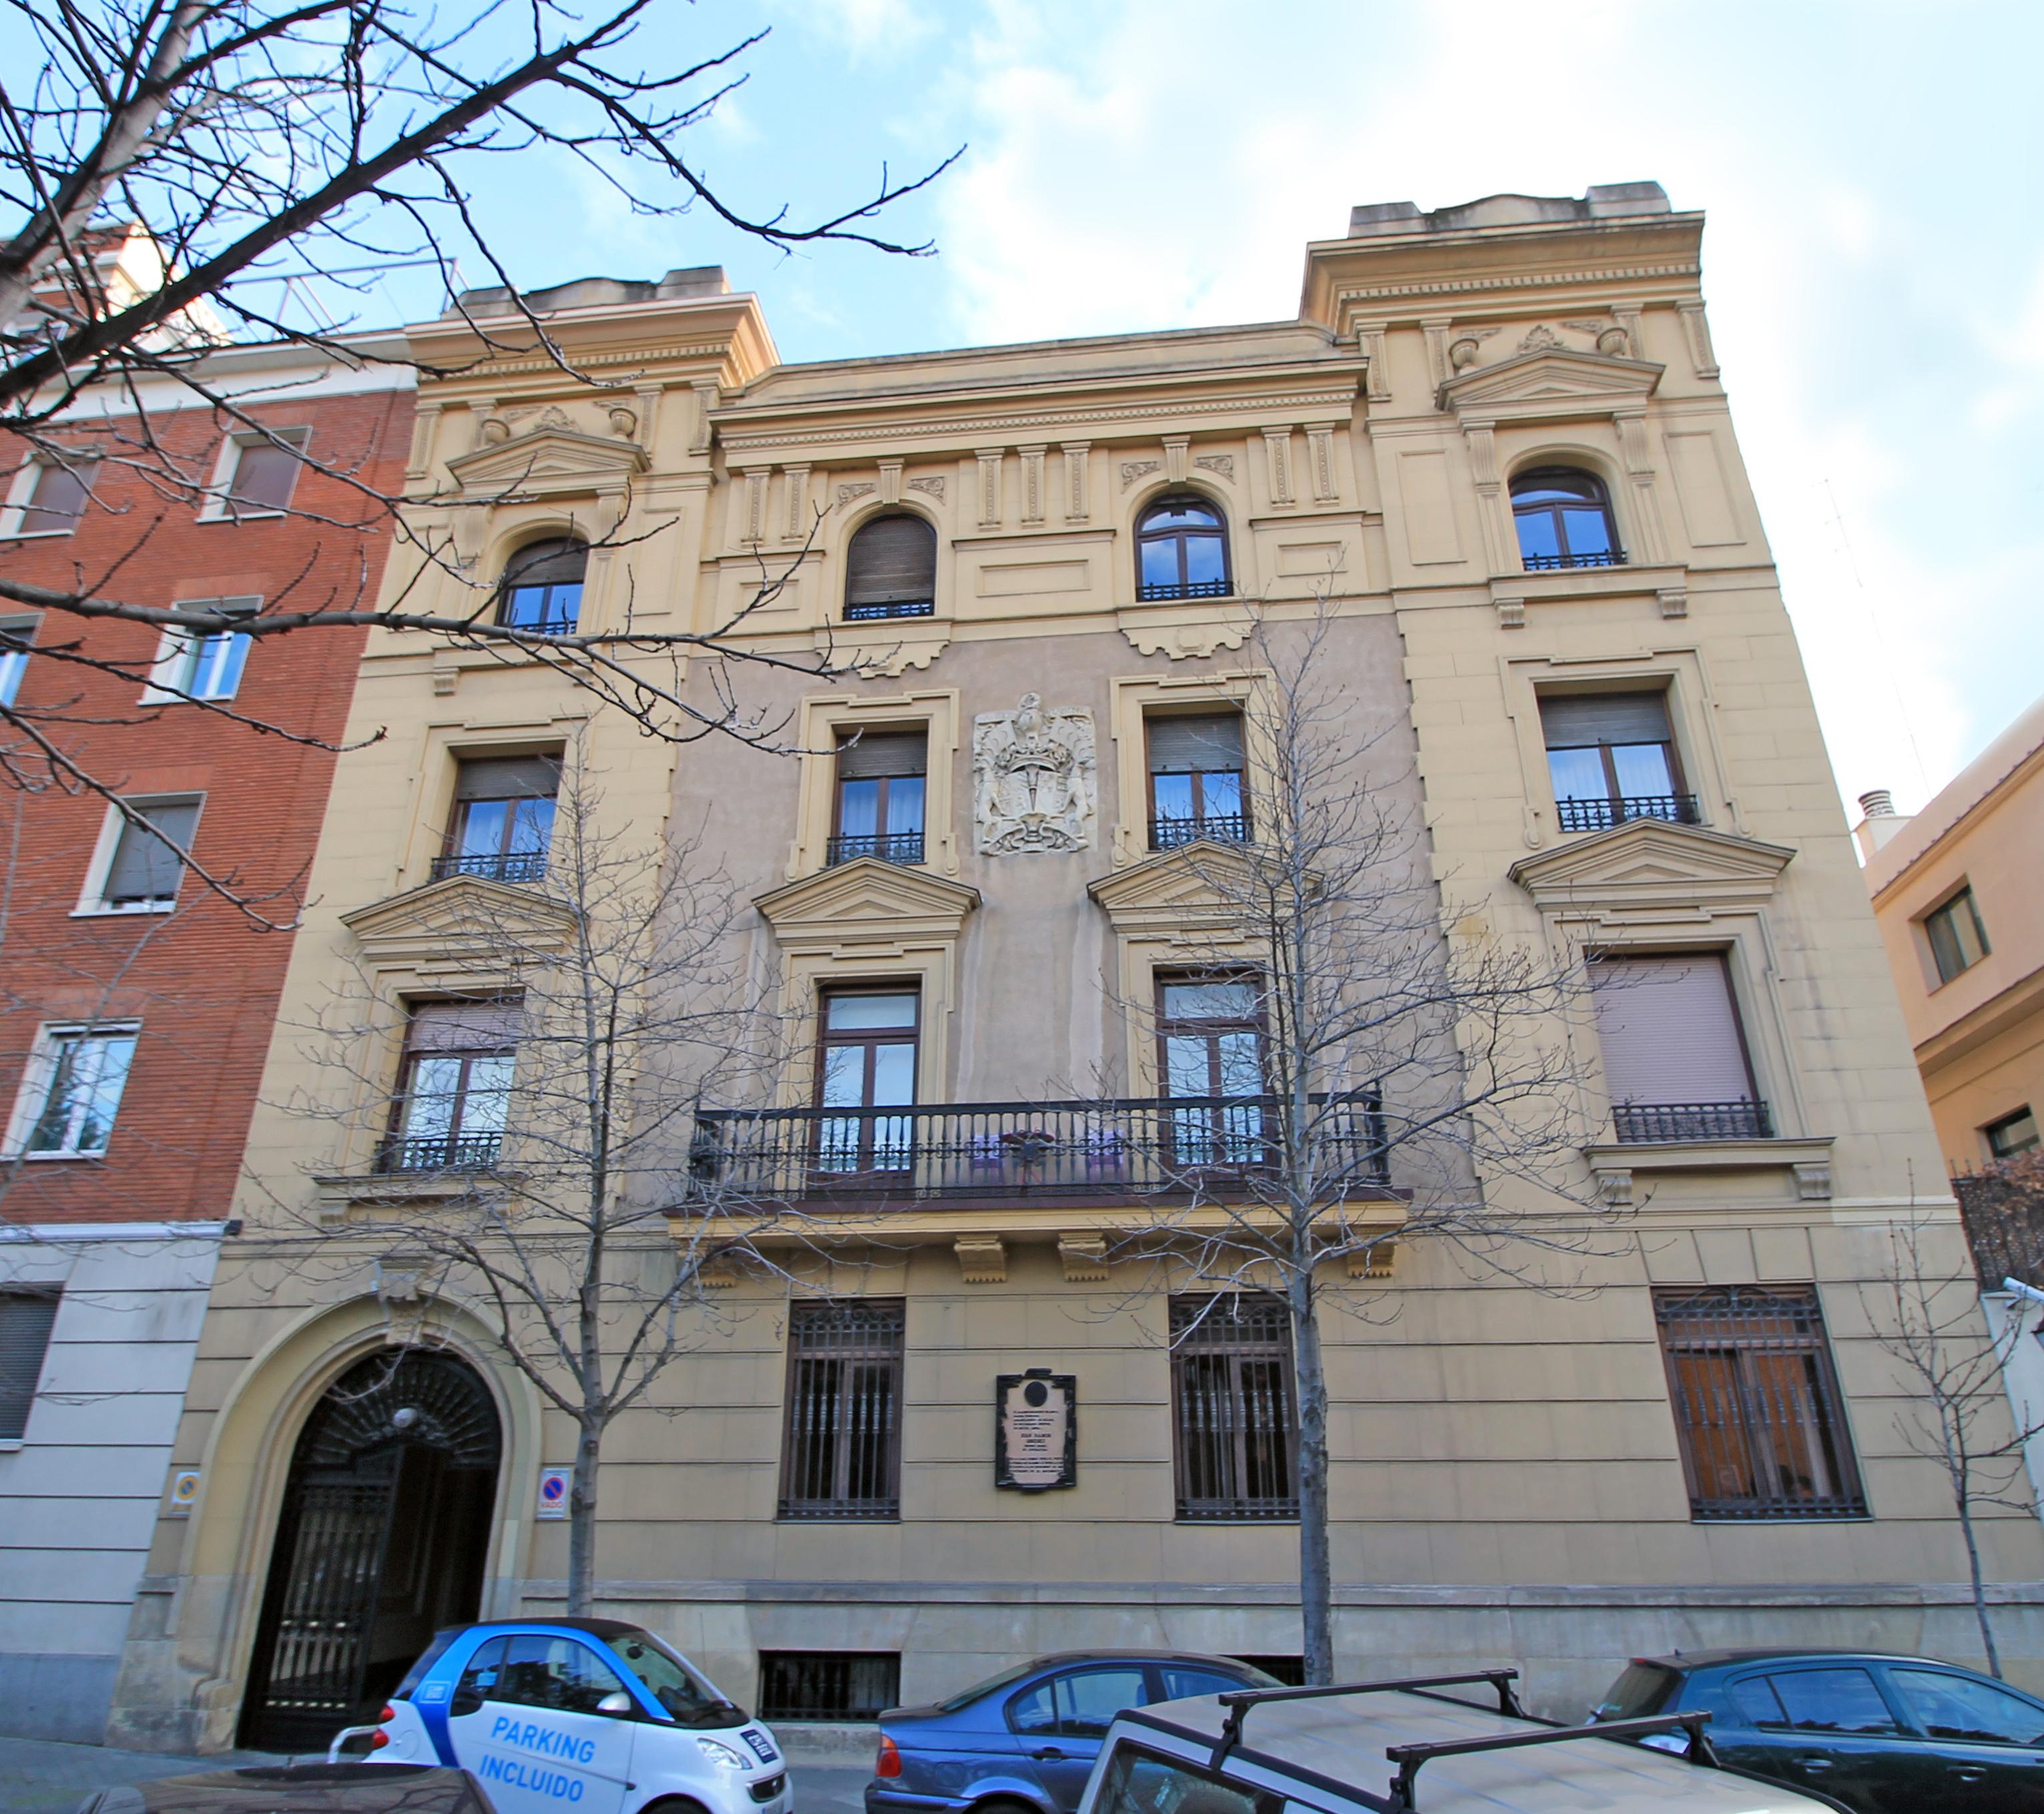 El nº 38 de la calle de Padilla de Madrid, donde vivieron Juan Ramón y Zenobia de 1929 a 1936. El edificio fue proyectado como casa-palacio por el arquitecto Bernardo Giner de los Ríos.